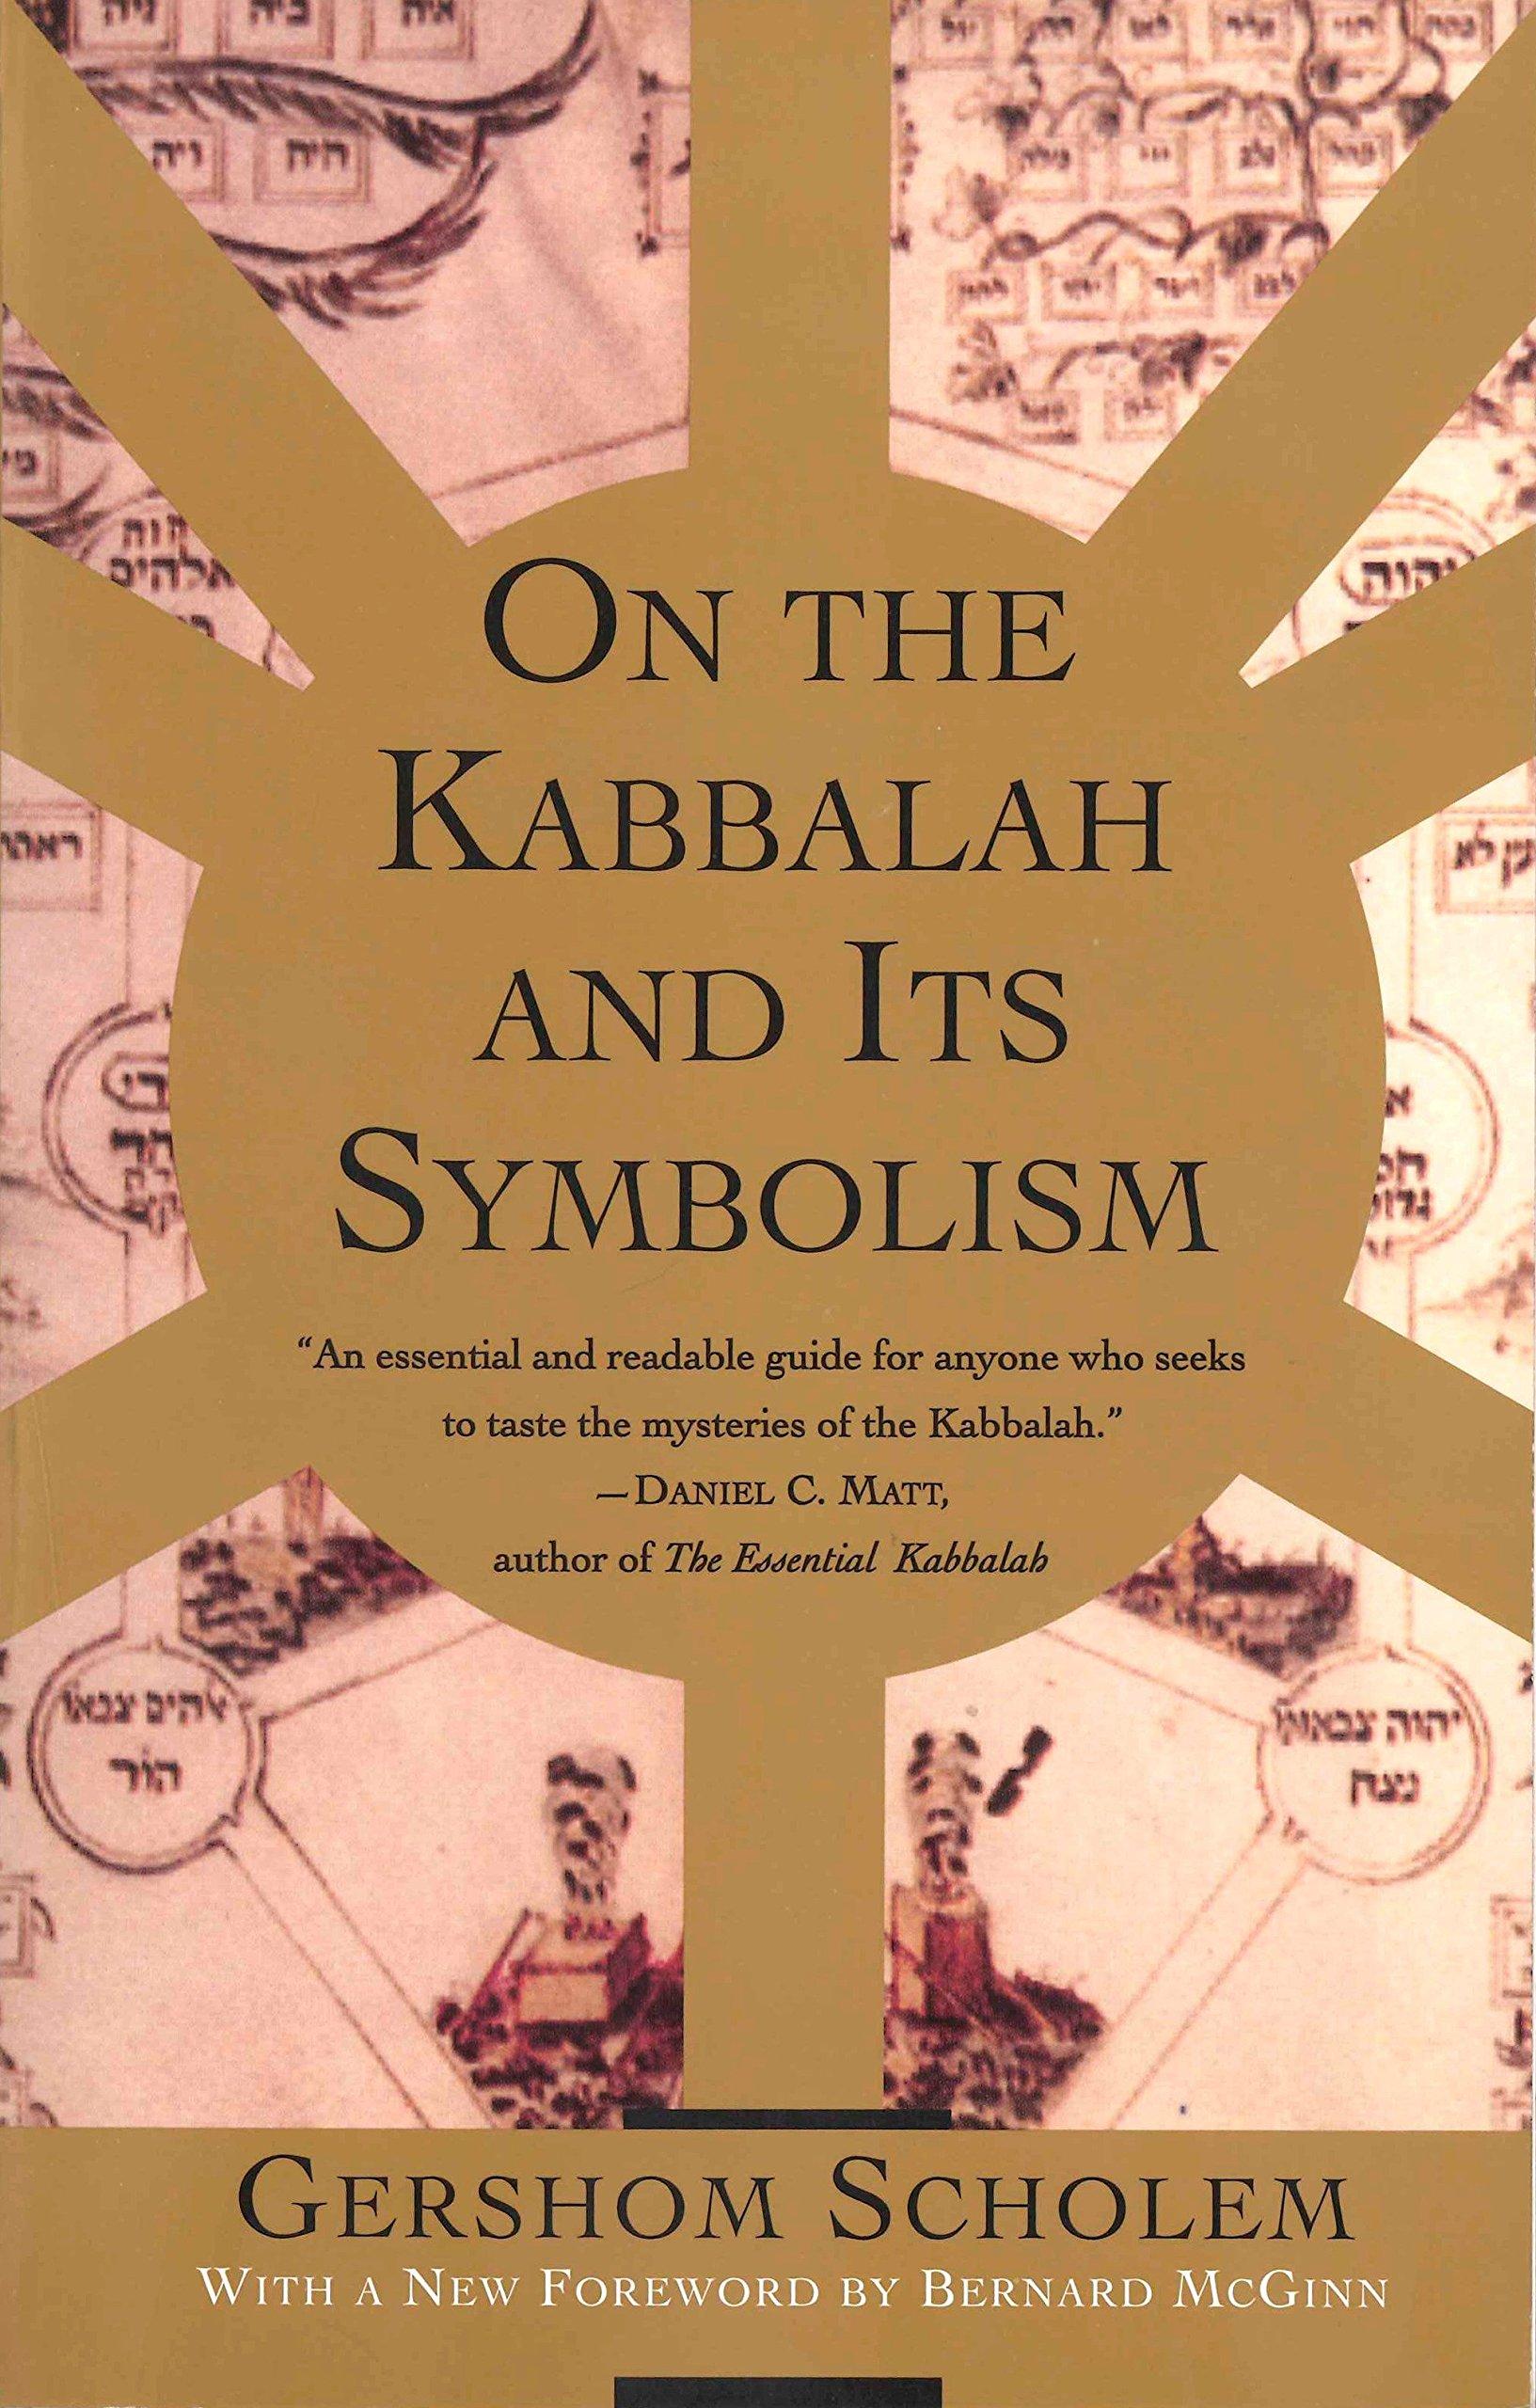 On The Kabbalah And Its Symbolism  Mysticism And Kabbalah